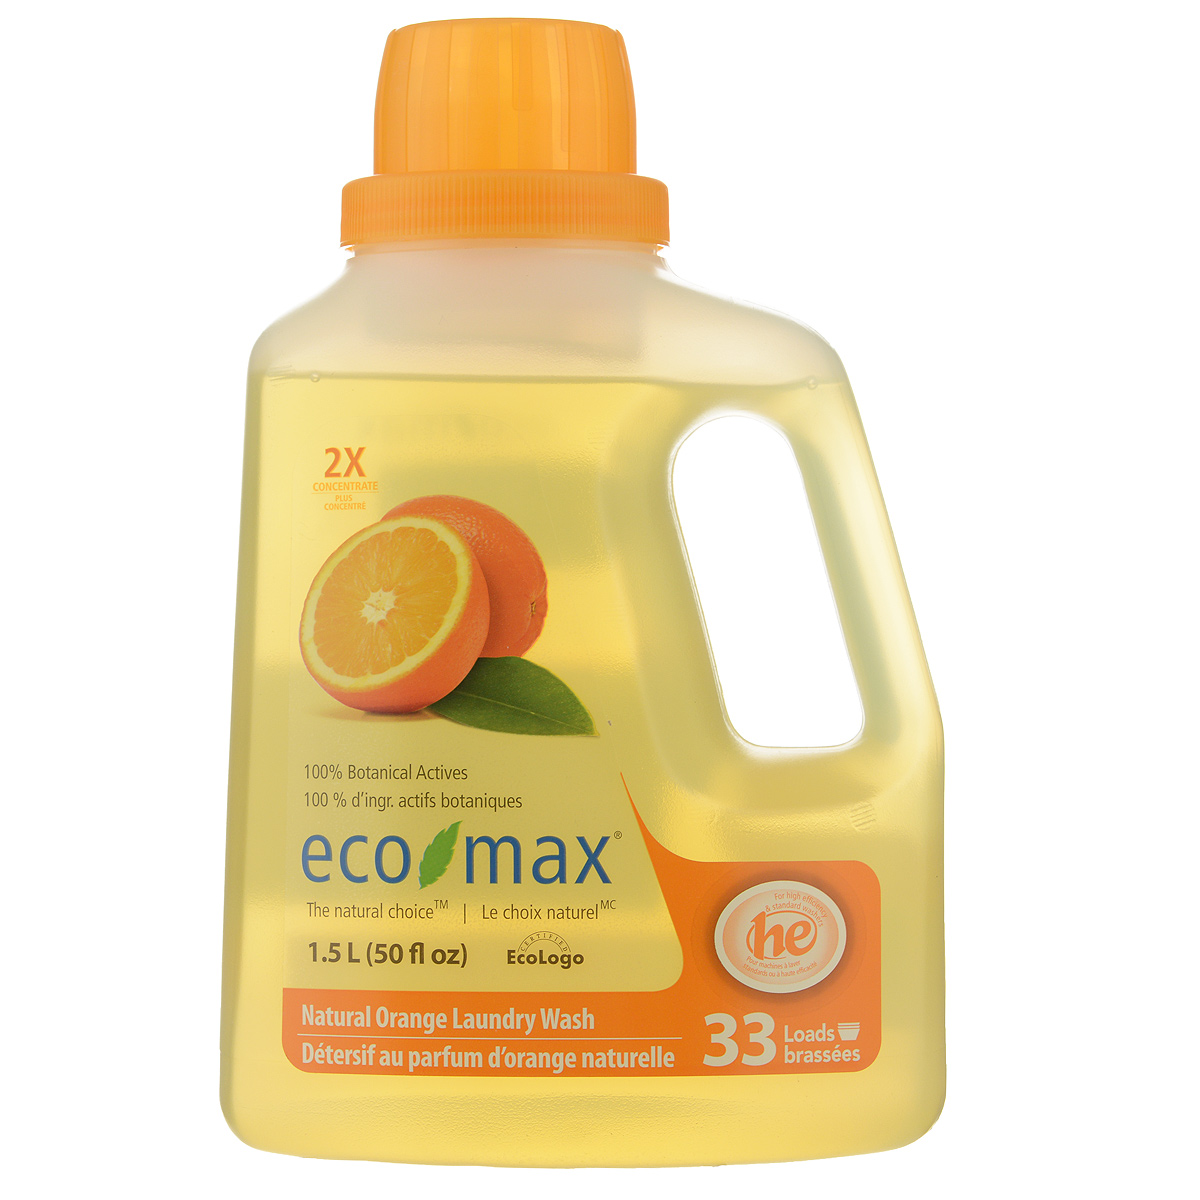 Жидкое средство для стирки Eco Max Апельсин, концентрированное, 1,5 л106-026Жидкое средство для стирки Eco Max Апельсин - полностью натуральное, на растительной основе средство для стирки с освежающим апельсиновым ароматом. Благодаря низкому пенообразованию и отсутствию осадка безопасно для использования в стиральной машине. Нетоксично, без осадка, безопасно для детской одежды. В этом средстве используются активные чистящие вещества ингредиентов, полученных из биоразлагаемых и возобновляемых растительных источников. Экономично: одного флакона хватает на 50 стирок. Подходит для ручной и машинной стирки, для всех типов ткани. Состав: вода, растительные алкилполигликозиды (из кокосового масла и кукурузного сиропа), пищевая лимонная кислота, пищевой цитрат натрия, пищевой загуститель на основе целлюлозы и пищевой сорбат калия в качестве консерванта, натуральное эфирное масло апельсина. Товар сертифицирован.